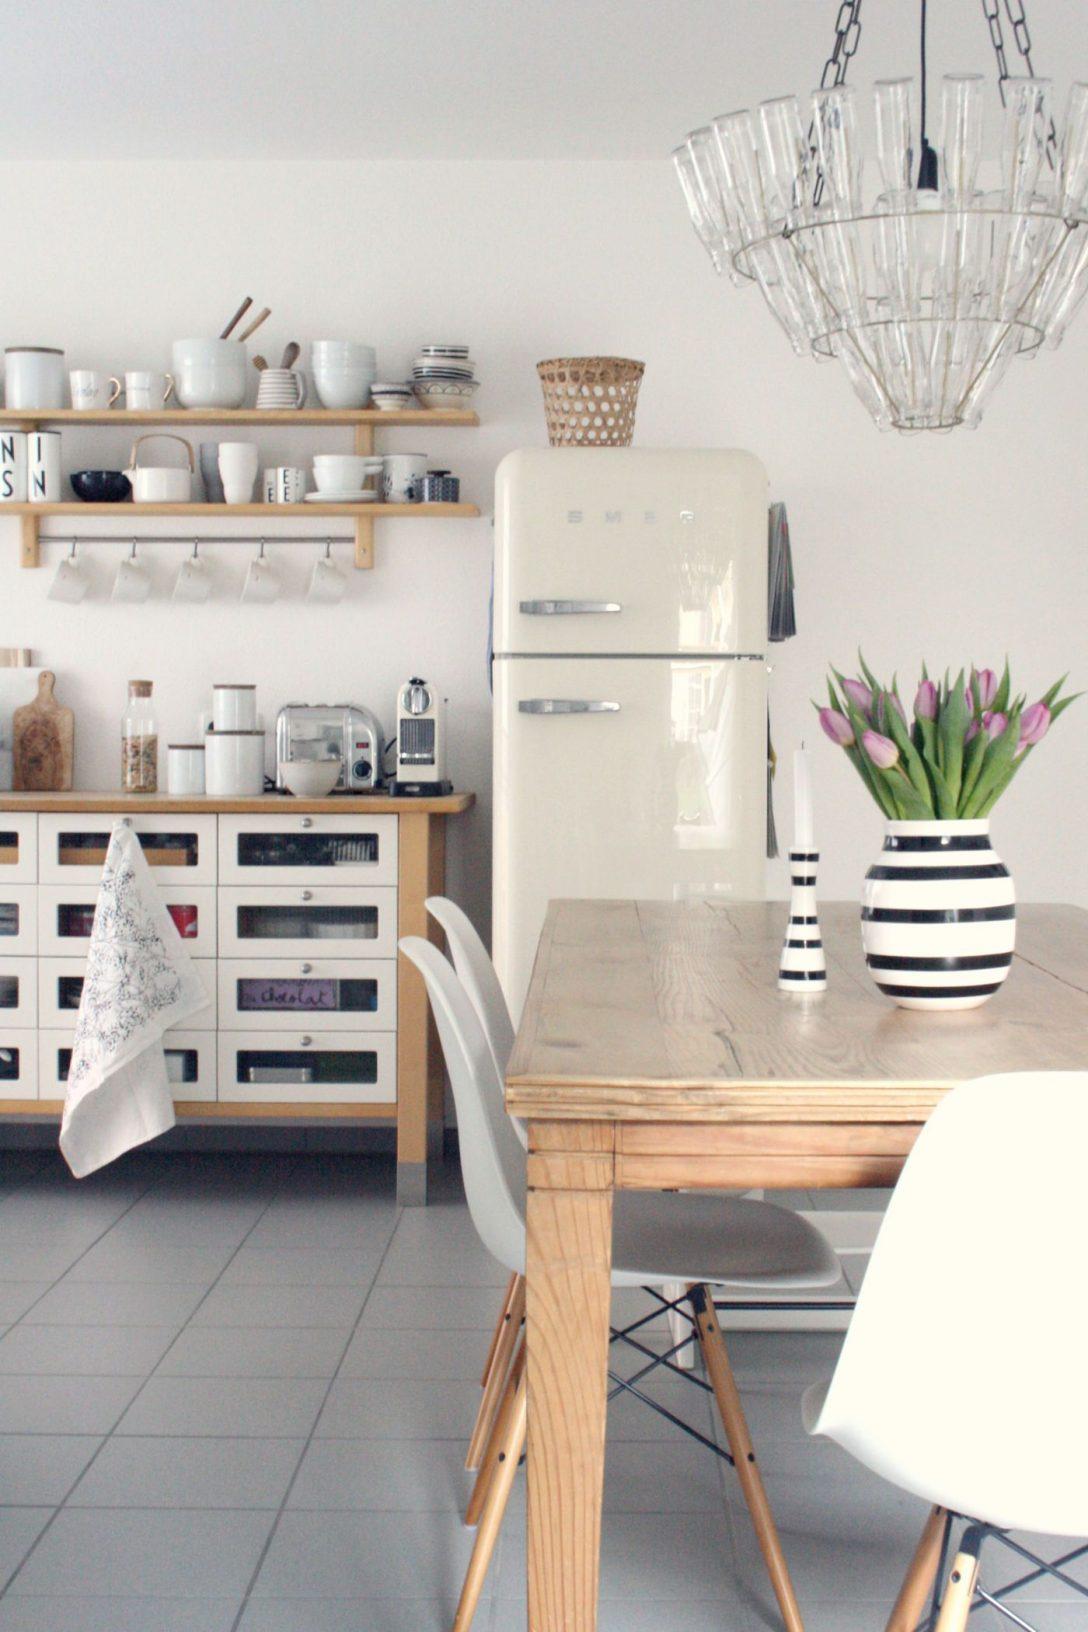 Large Size of Ikea Sofa Mit Schlaffunktion Miniküche Küche Kaufen Bad Renovieren Ideen Kosten Wohnzimmer Tapeten Betten 160x200 Bei Küchen Regal Modulküche Wohnzimmer Ikea Küchen Ideen